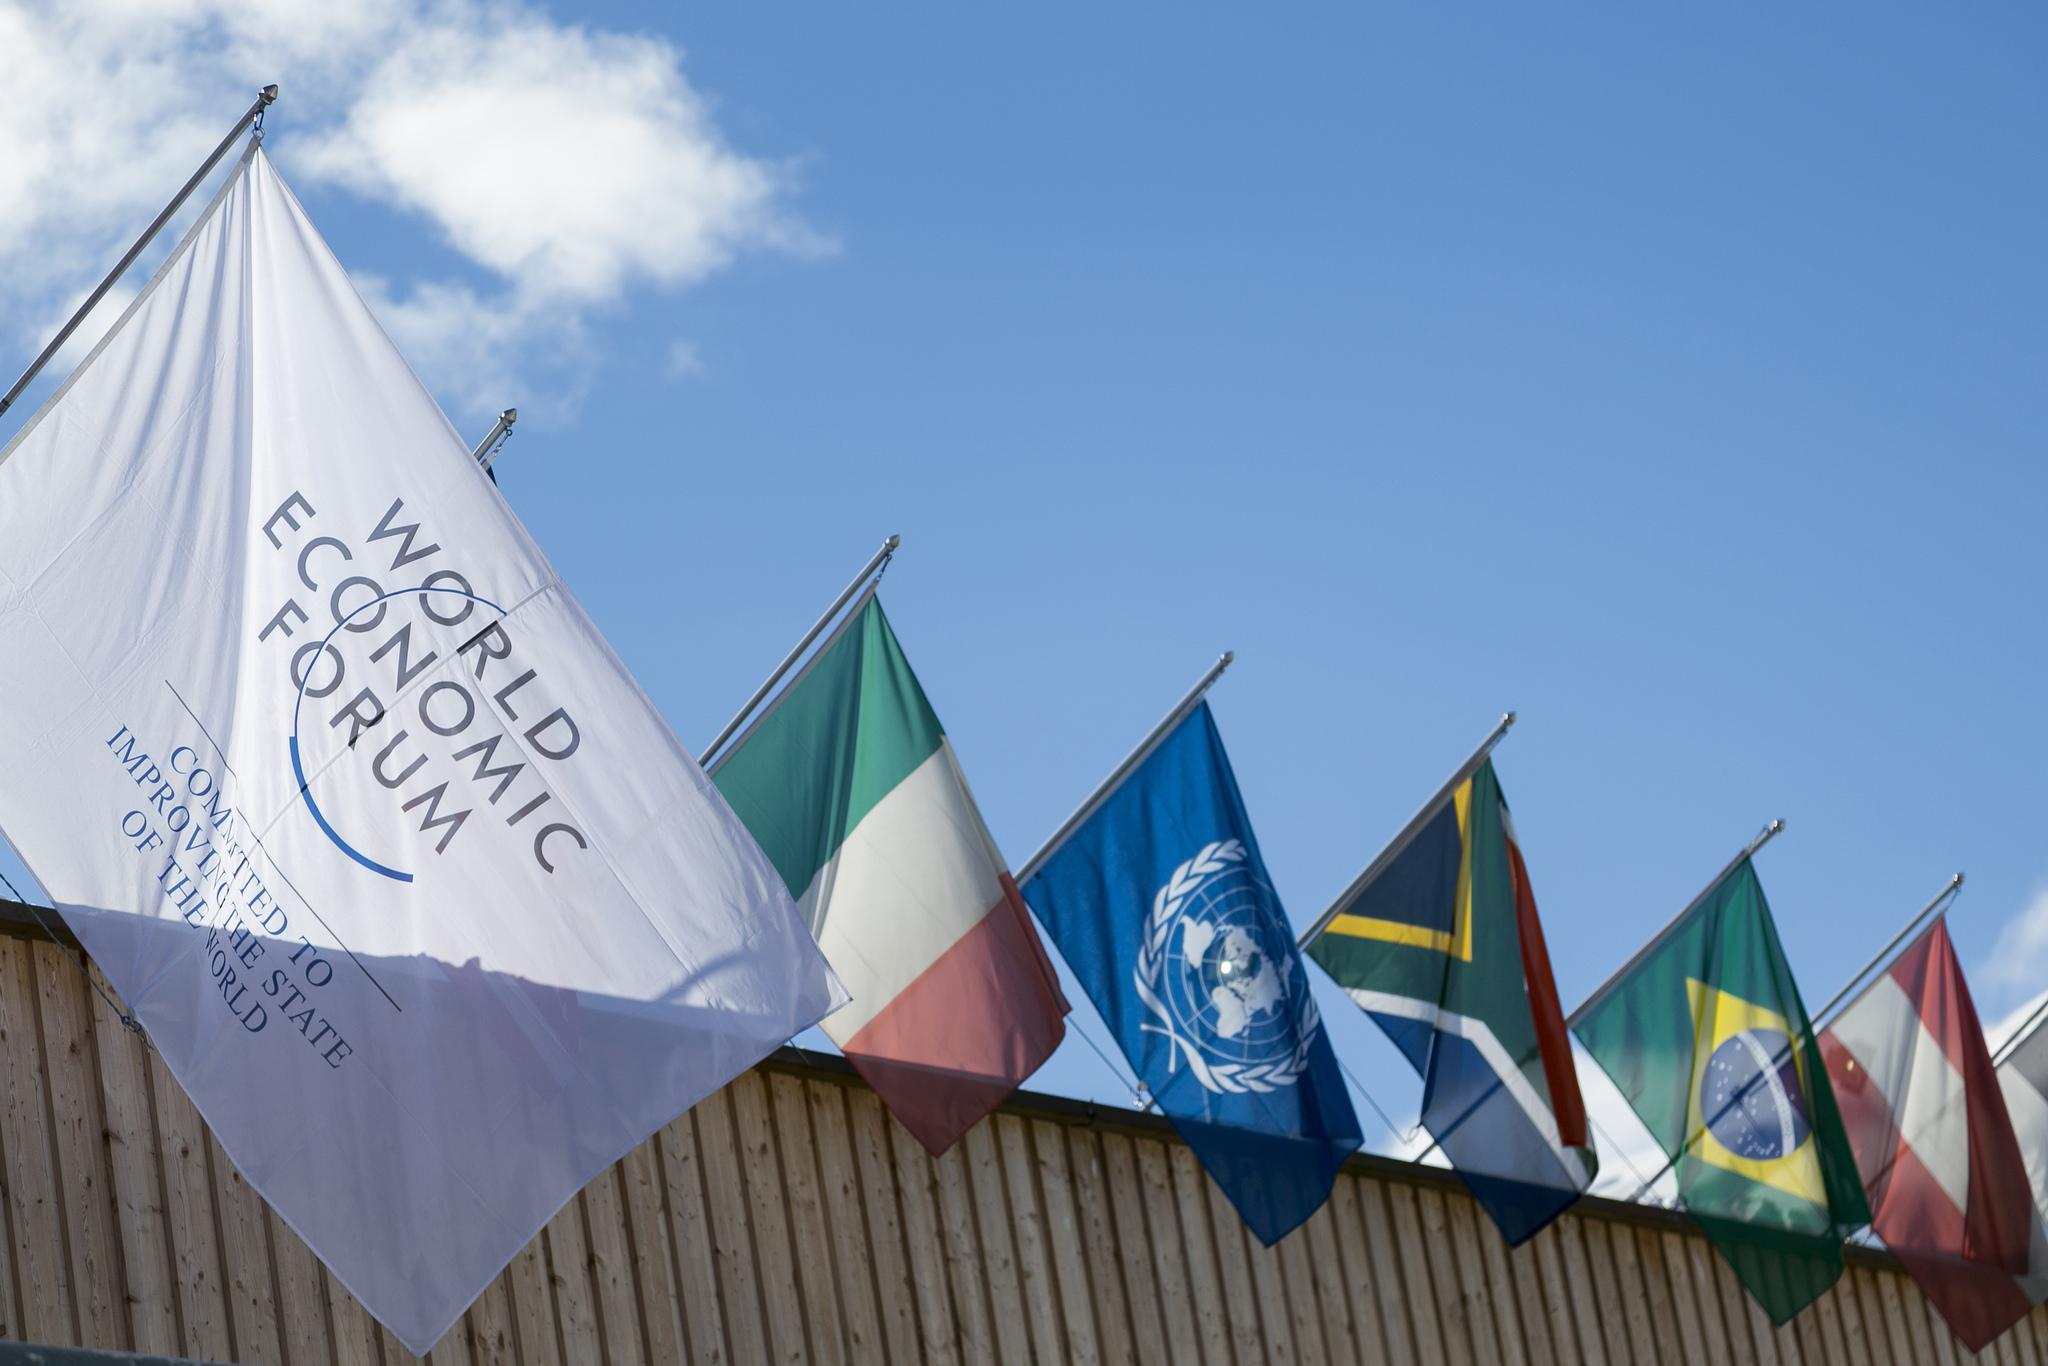 Davos 20 01 2019- Fórum Econômico Mundial 2019Impressões da Reunião Anual de 2019 do Fórum Econômico Mundial em Davos, 20 de janeiro de 2019l  foto/ Benedikt von Loebell